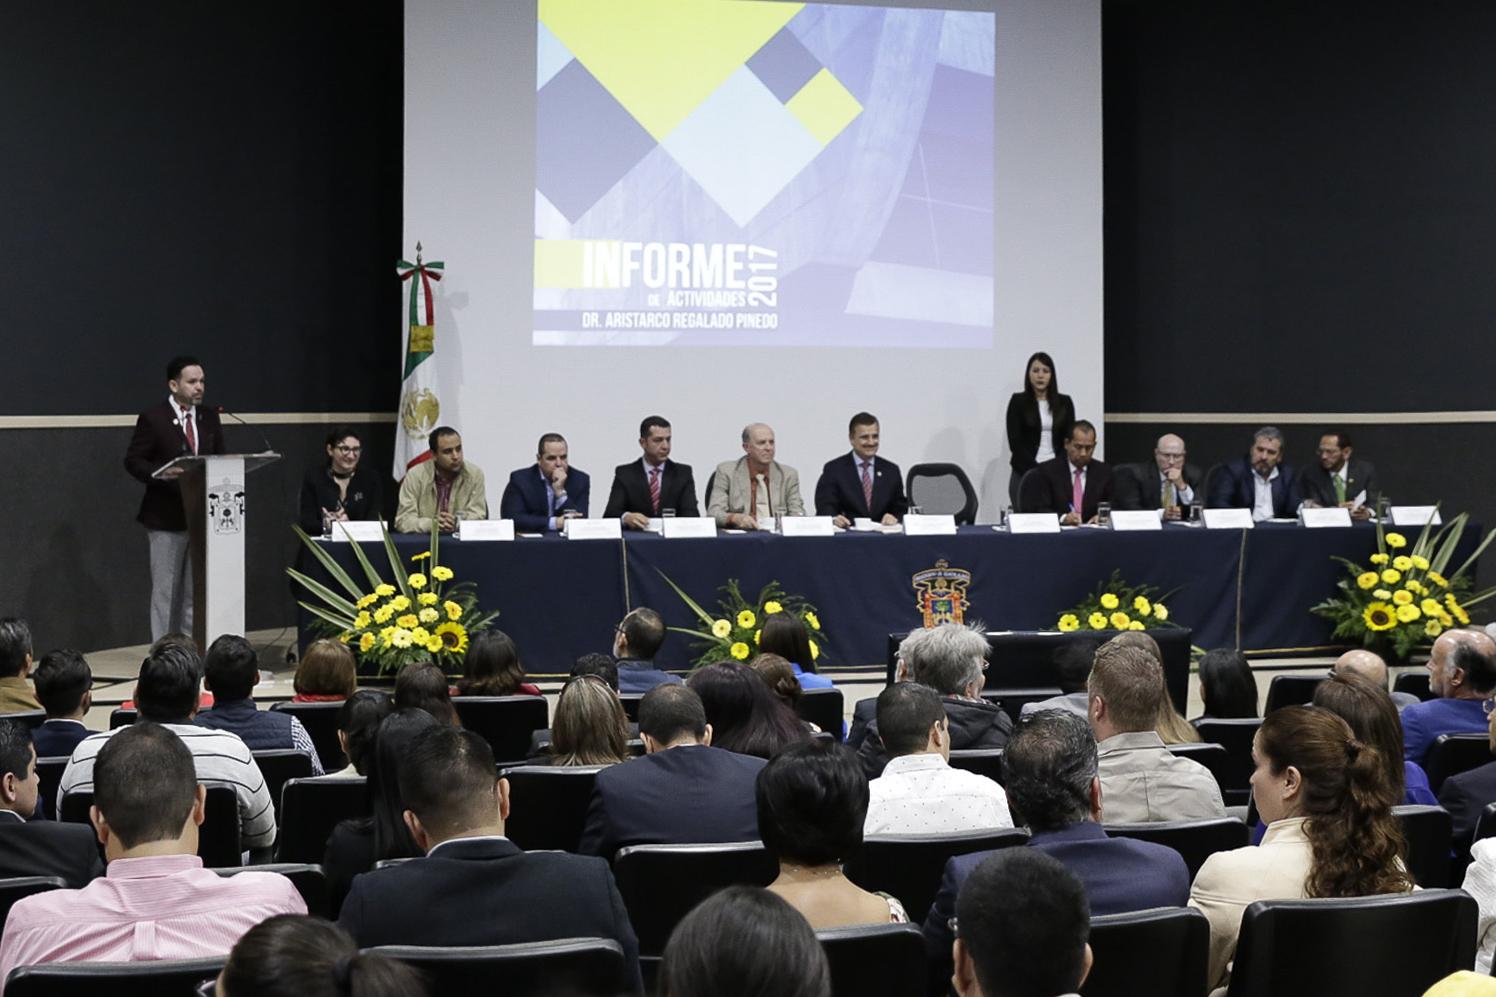 El rector de CULAGOS dirigiendose a los presentes en el auditorio del centro